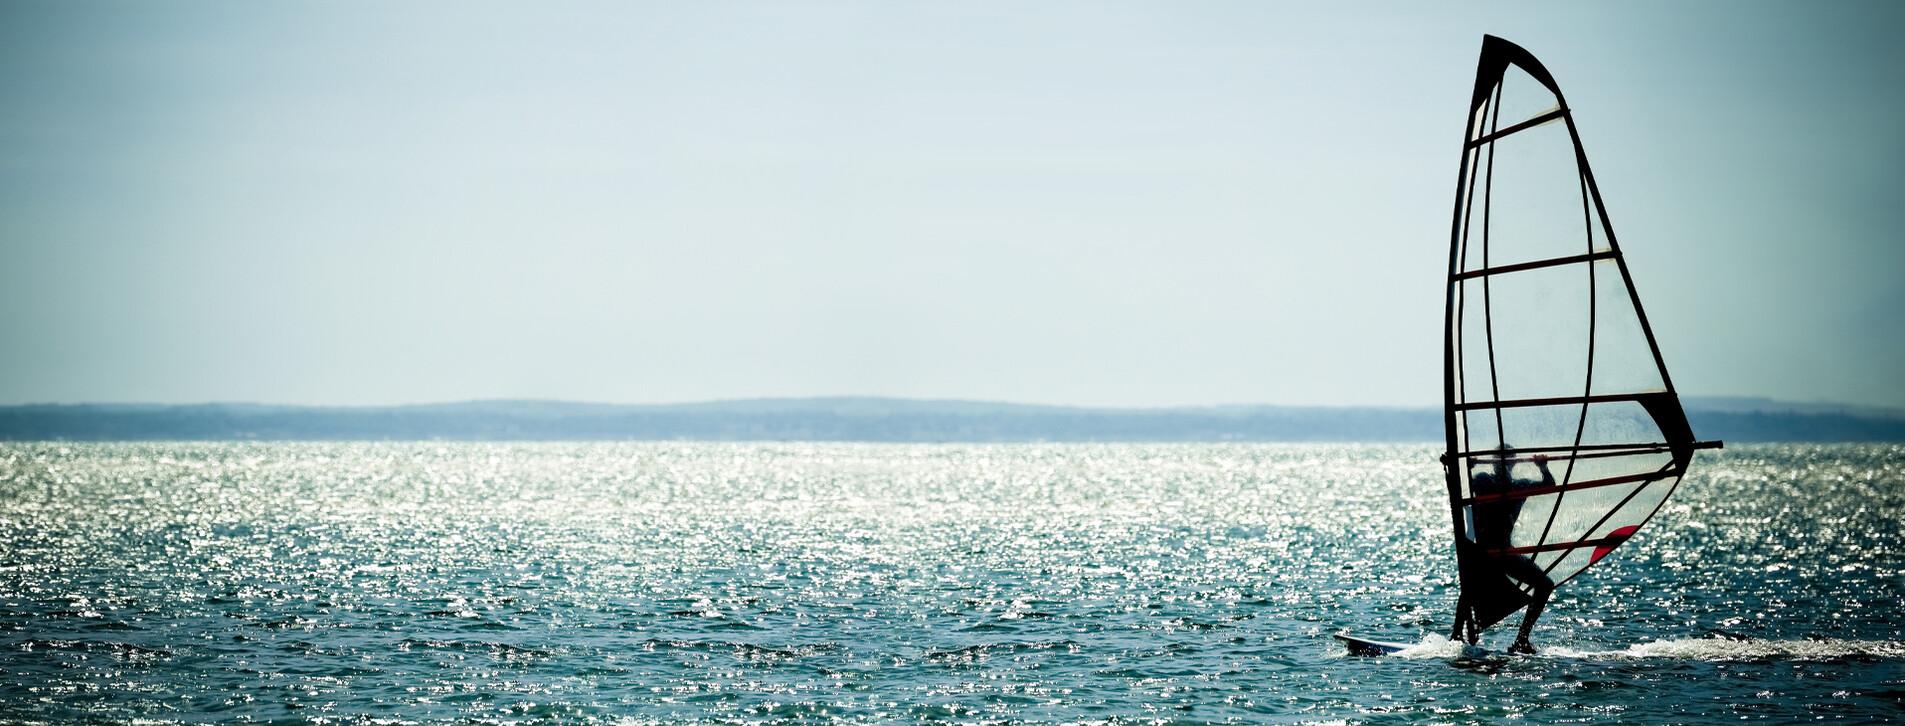 Fotoğraf 1 - Rüzgar Sörfü Deneme Dersi